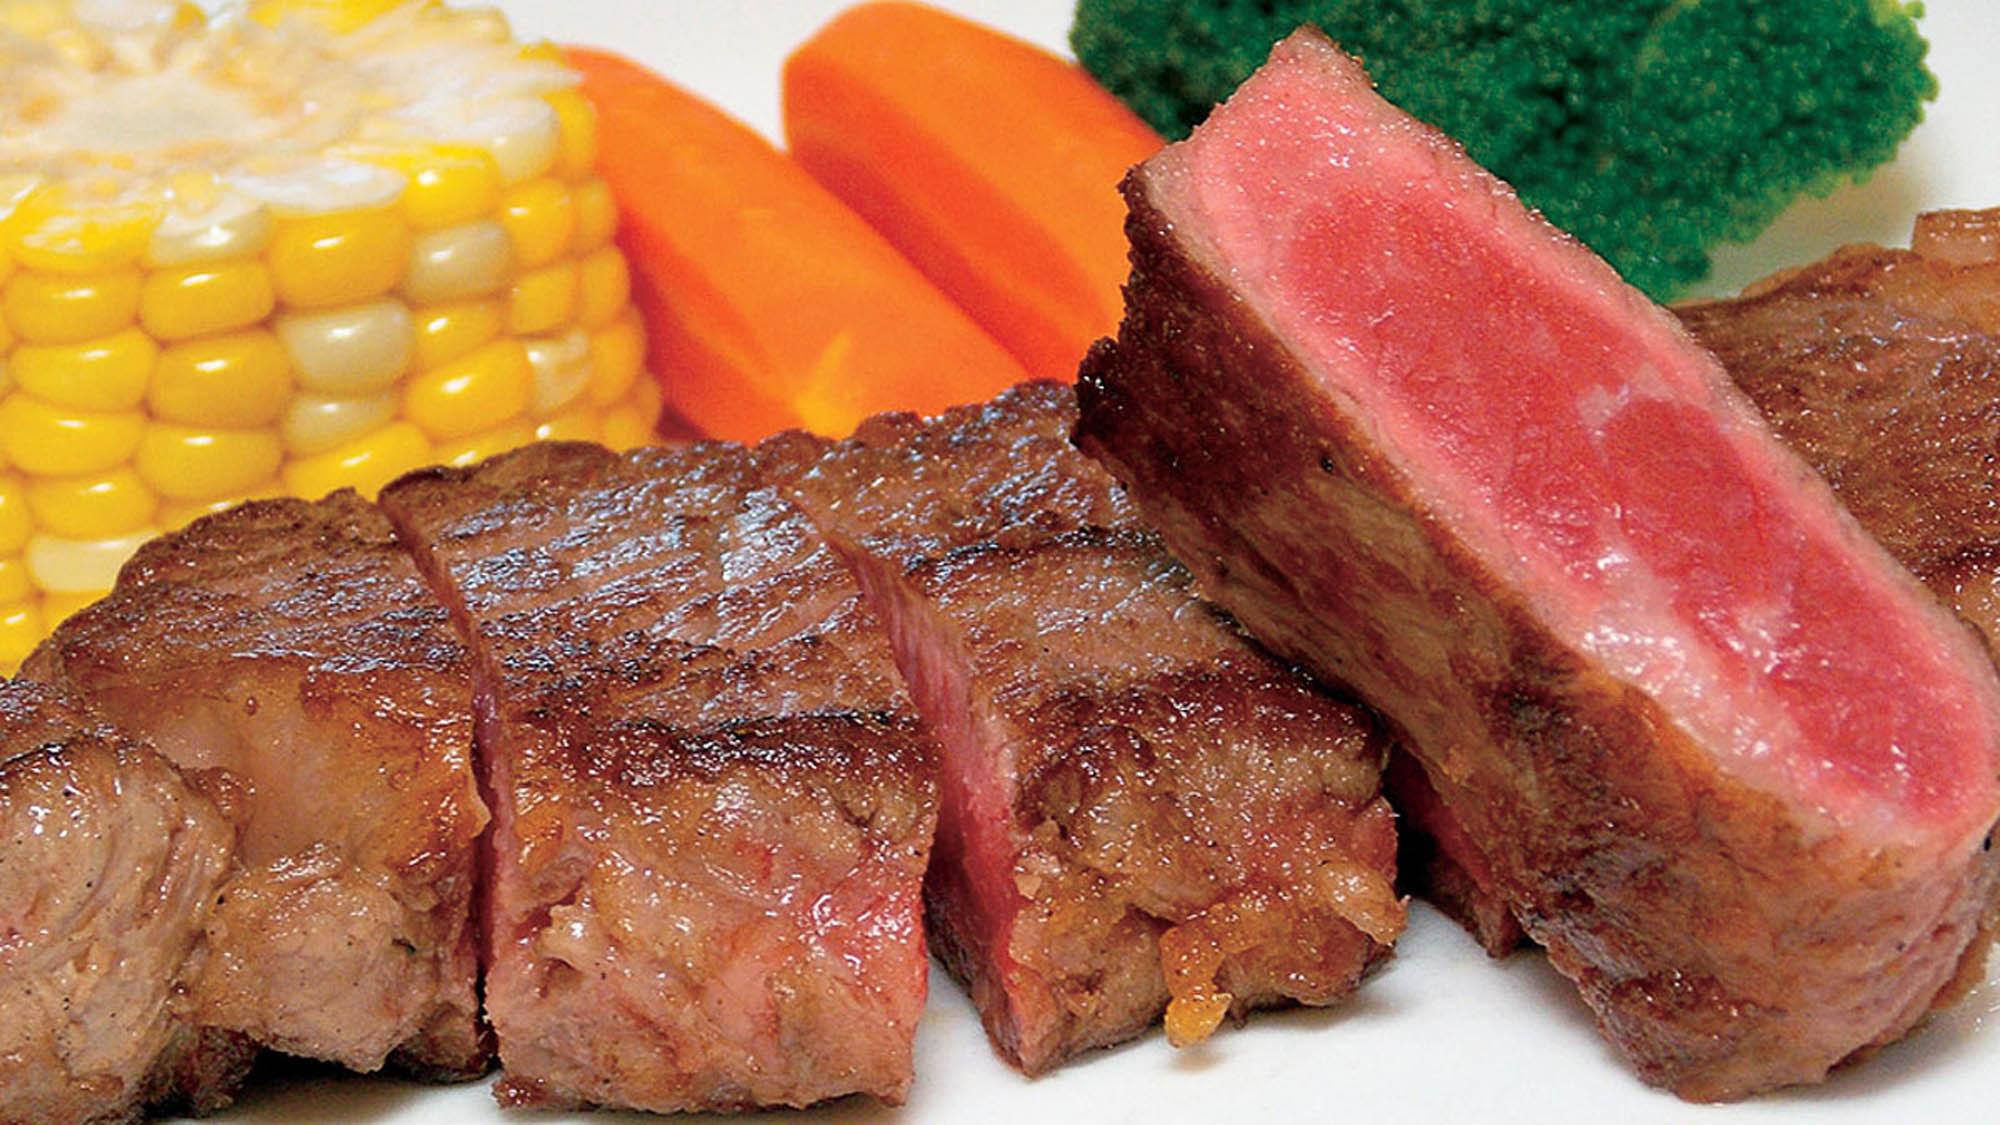 【夕食】自慢の北海道産牛のサーロインステーキを召し上がれ♪